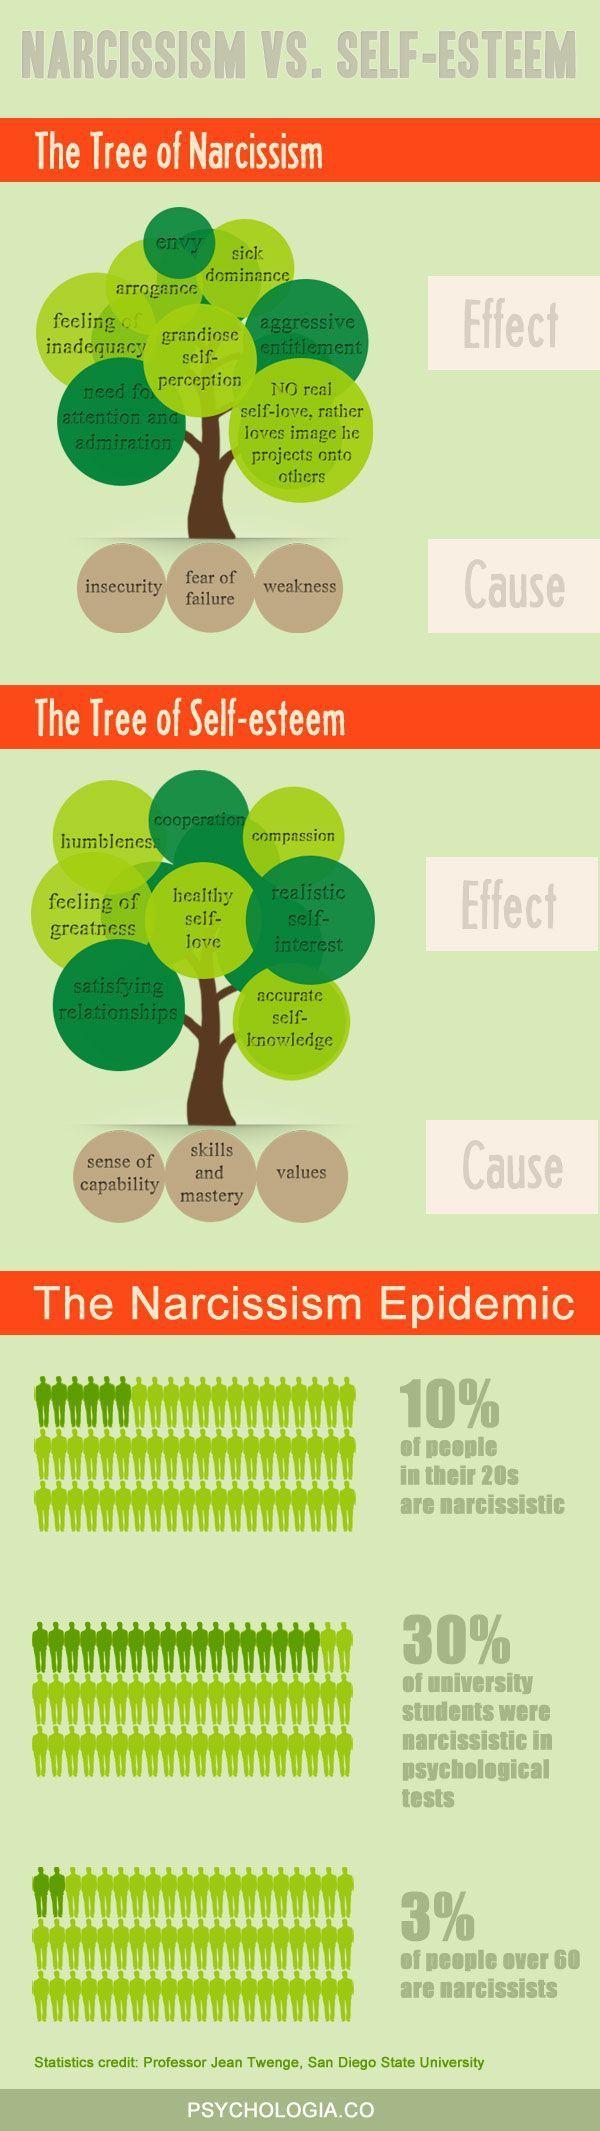 Psychology : Разница между нарциссизмом и самоуважение